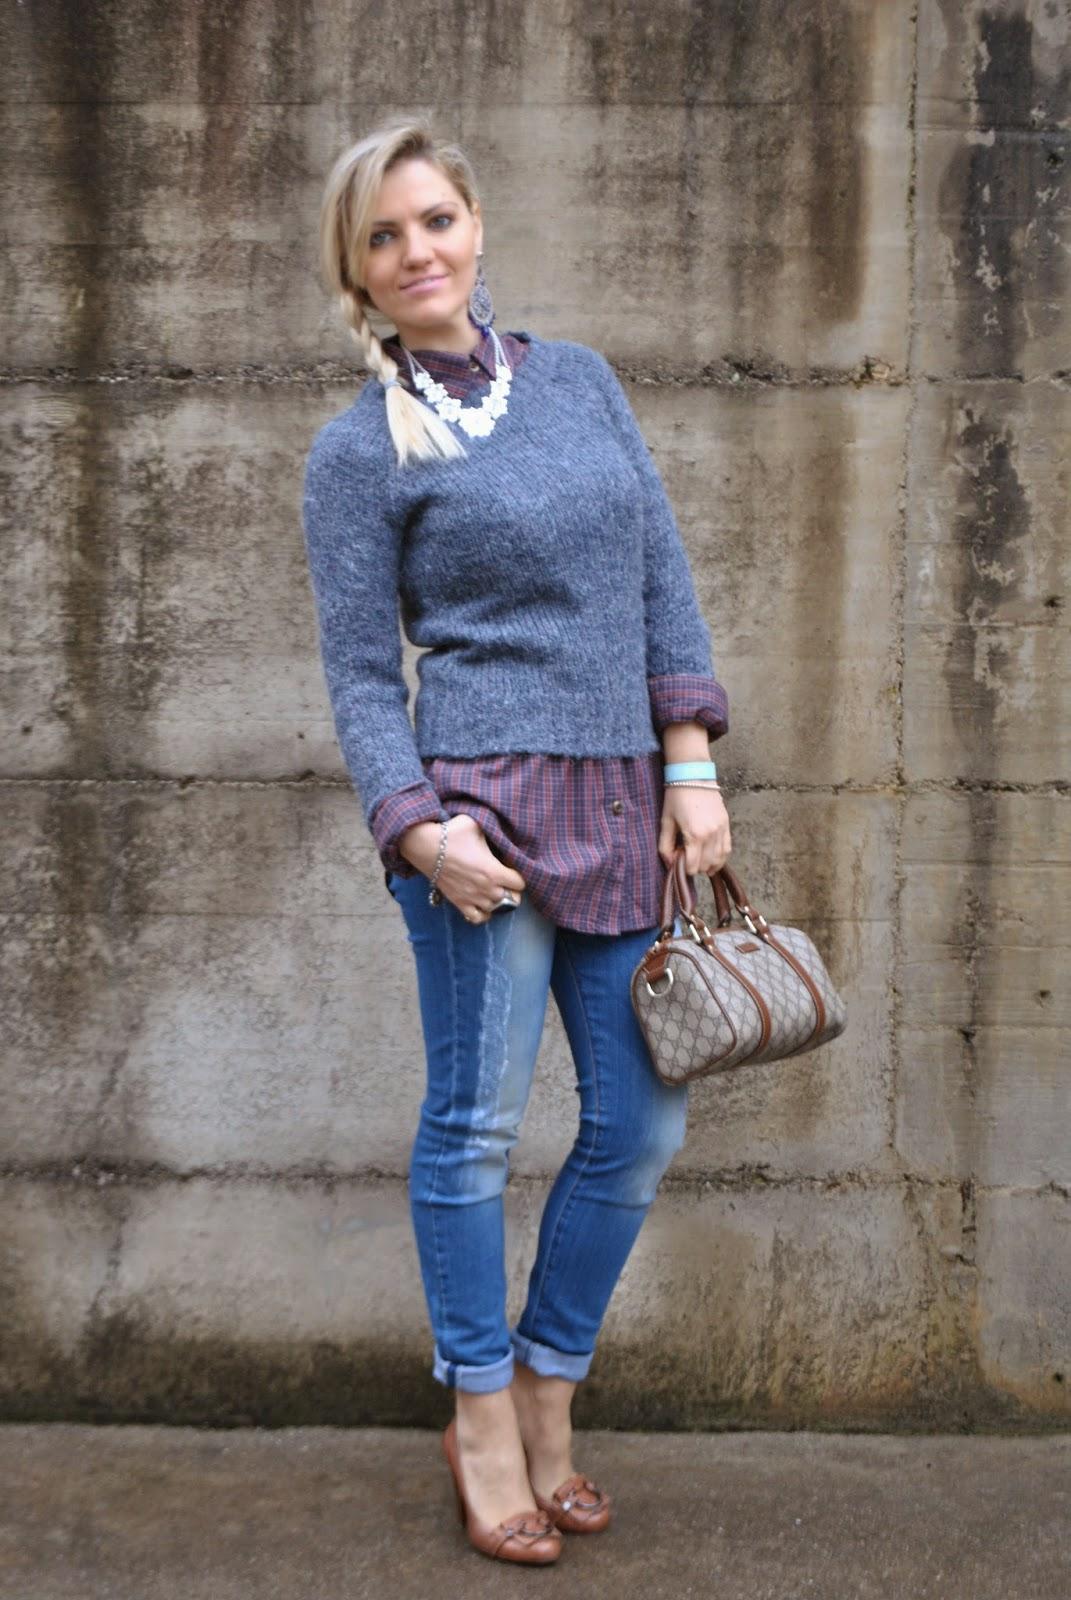 outfit jeans skinny camicia a  quadretti maglione blu outfit maglione e camicia outfit jeans e tacchi outfit invernali da donna outfit invernali casual outfit camicia a quadri come abbinare la camicia a quadri borsa bauletto di gucci decollete guess cuoio marrone come abbinare le scarpe marroni outfit scarpe marroni come abbinare il maglione blu outfit blu come abbinare il blu mariafelicia magno colorblock by felym mariafelicia magno fashion blogger color-block by felym fashion blog italiani blogger italiane di moda ragazze bionde acconciatura treccia laterale collana majique winter outfits jeans and heels how to wear jeans and heels outfit swearter and shirt blue sweater italian fashion bloggers fashion bloggers italy blonde girls guess luca barra gucci pimkie fornarina girls